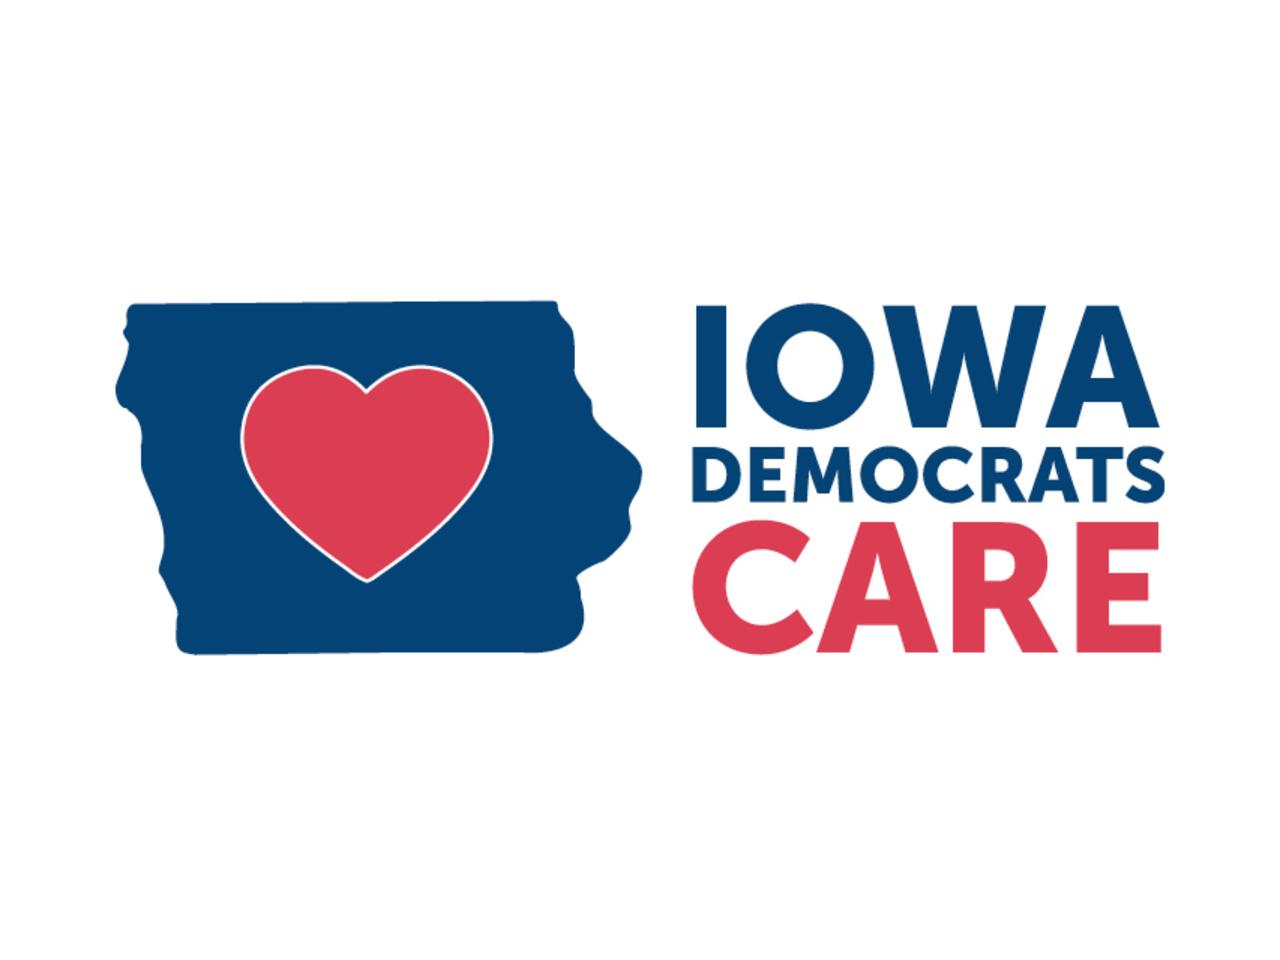 Iowa Democrats Care - Day of Service